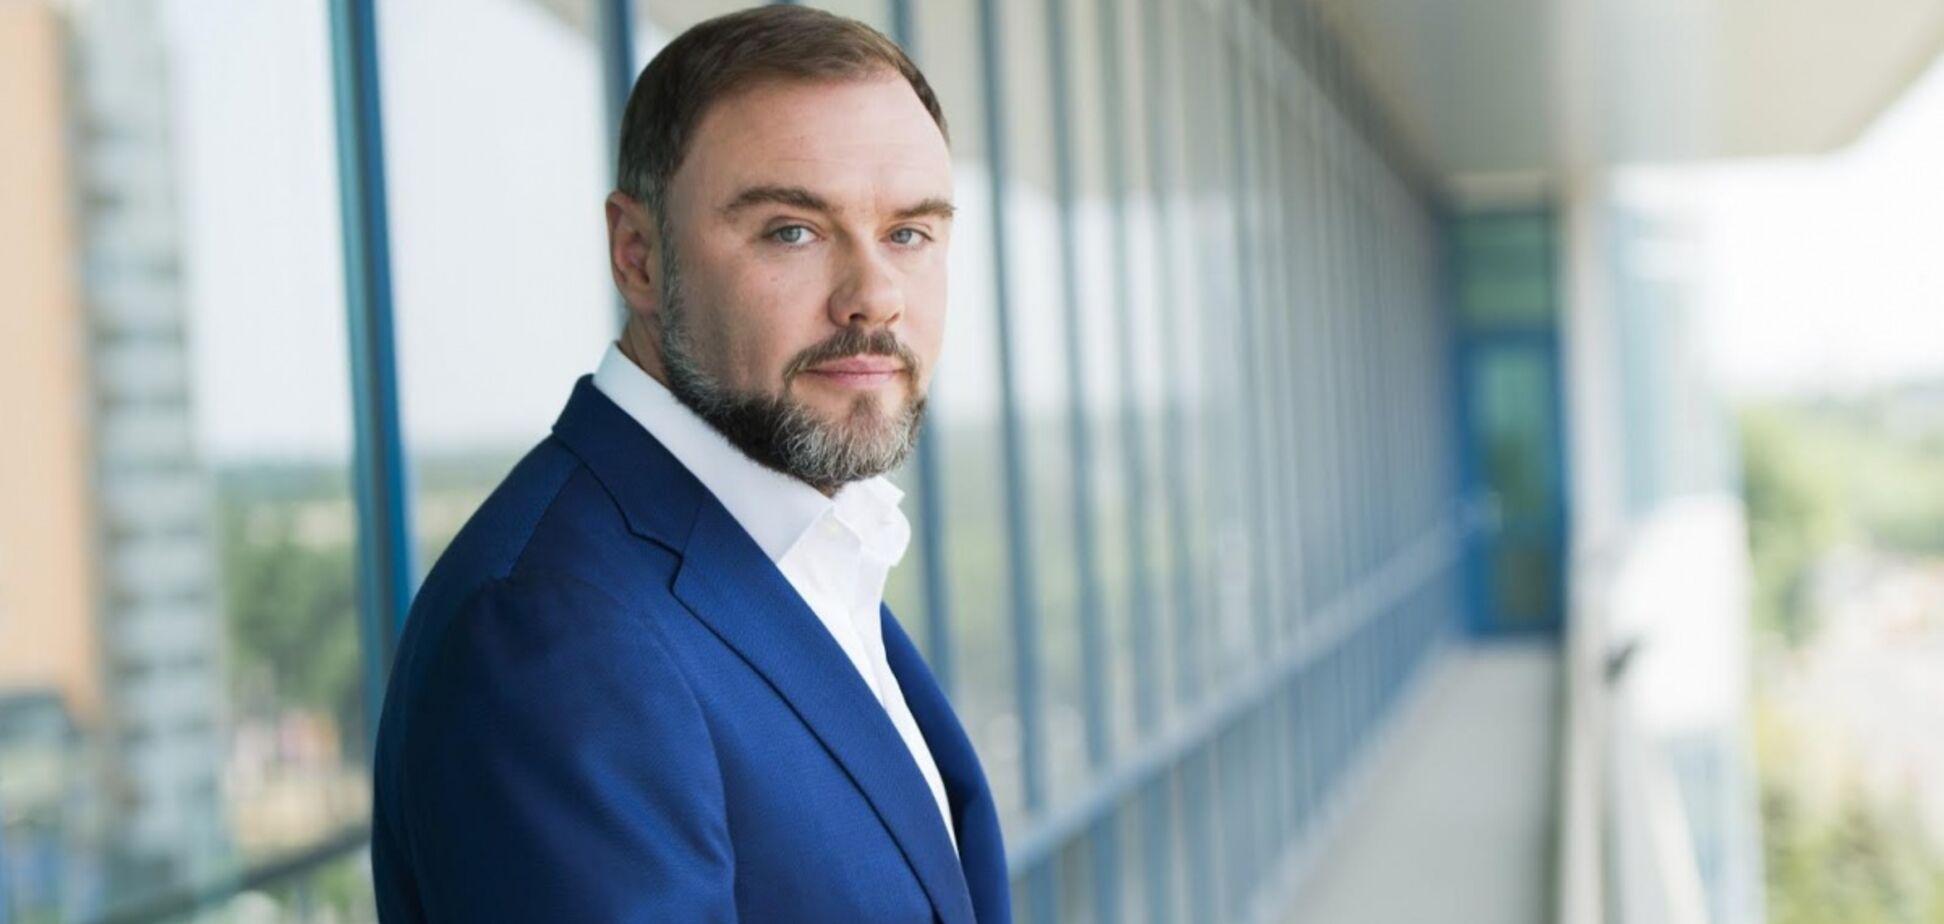 Нардеп Загорий задекларировал 89 патентов и 1,5 млн грн благотворительных пожертвований